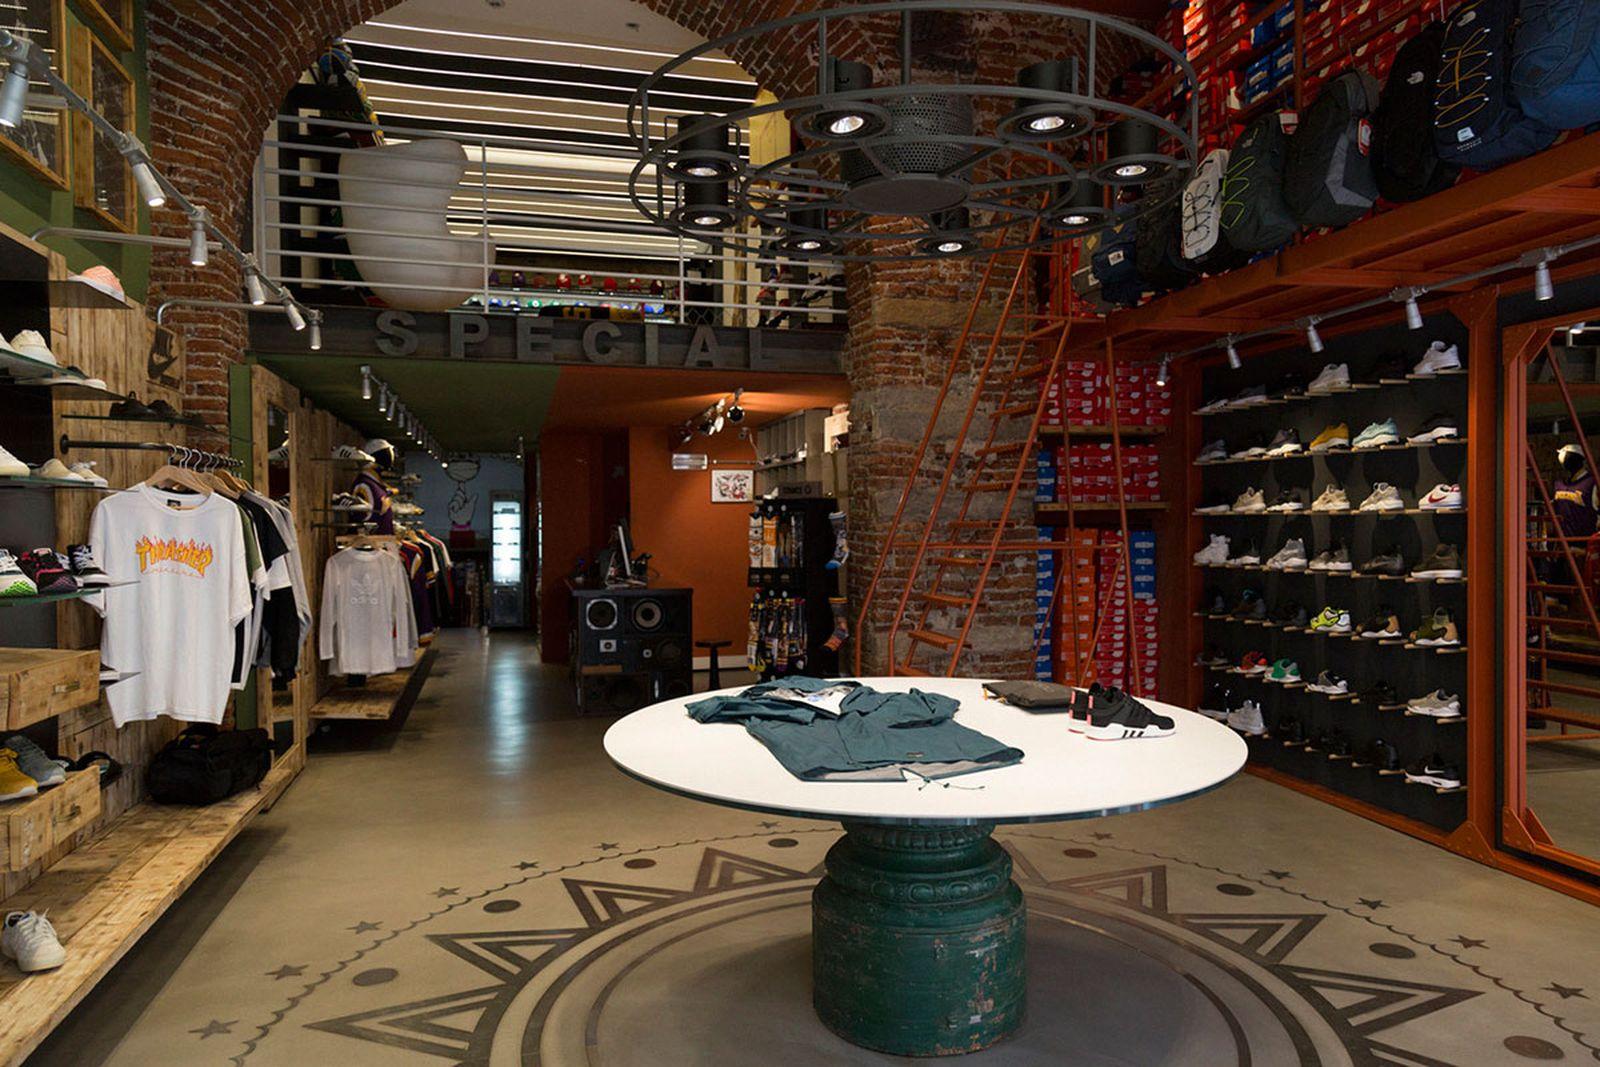 milan-shopping-guide-sprecial-1